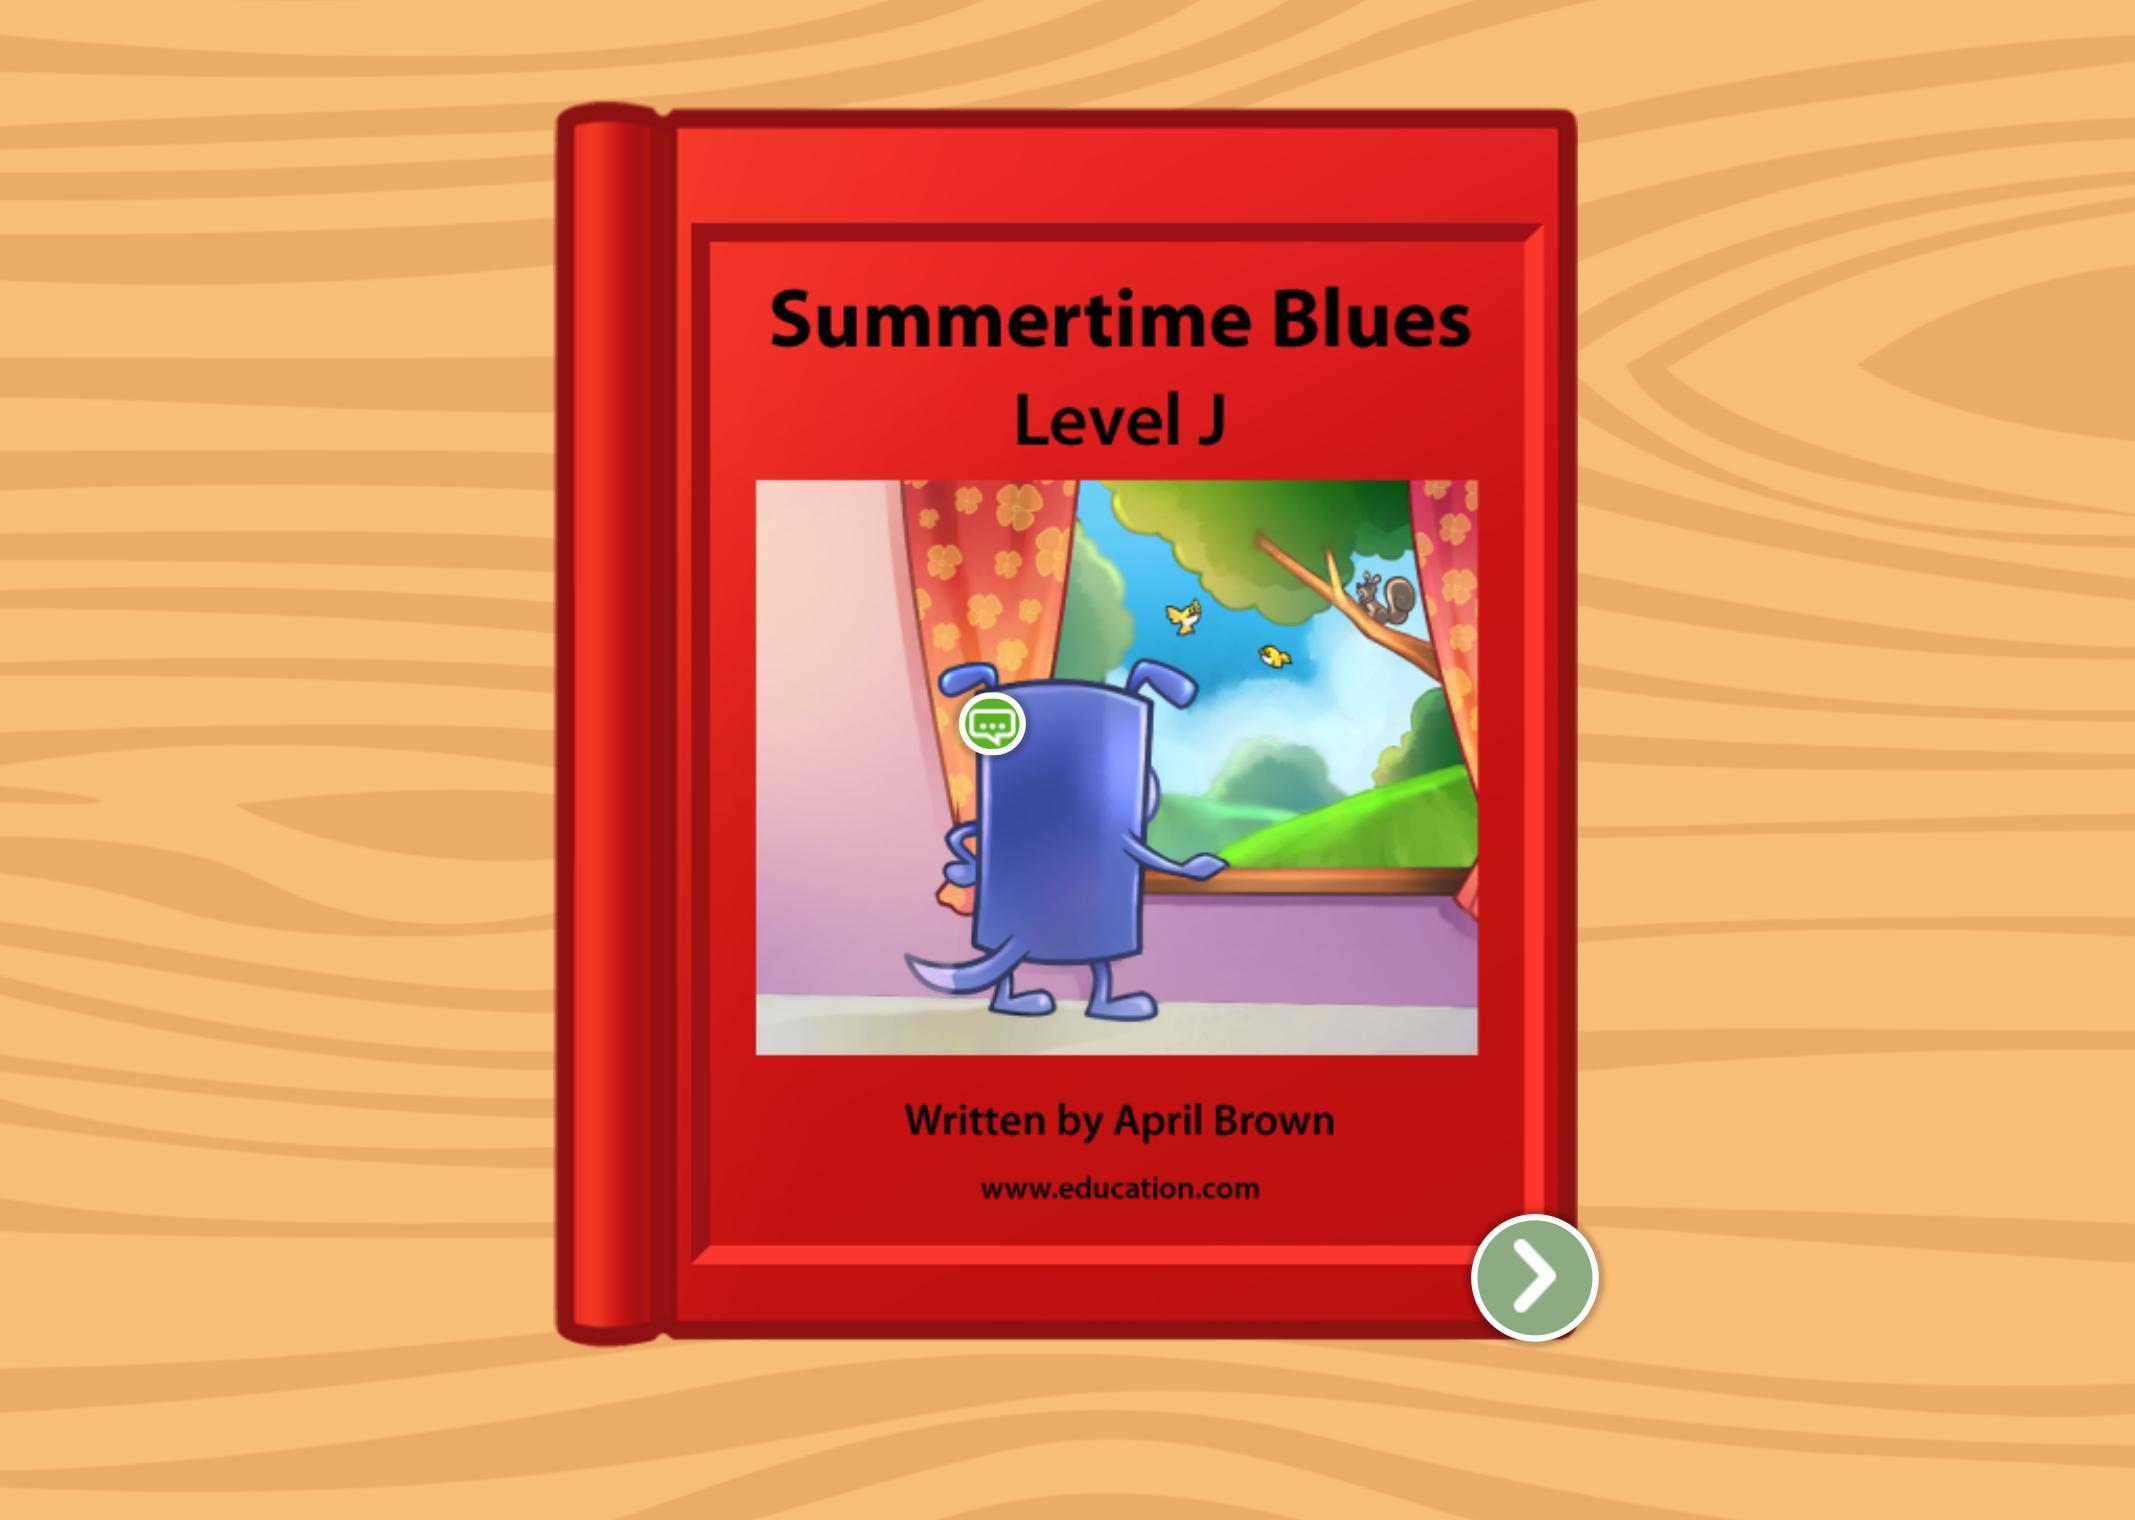 1st grade Reading & Writing Stories: Summertime Blues: Level J